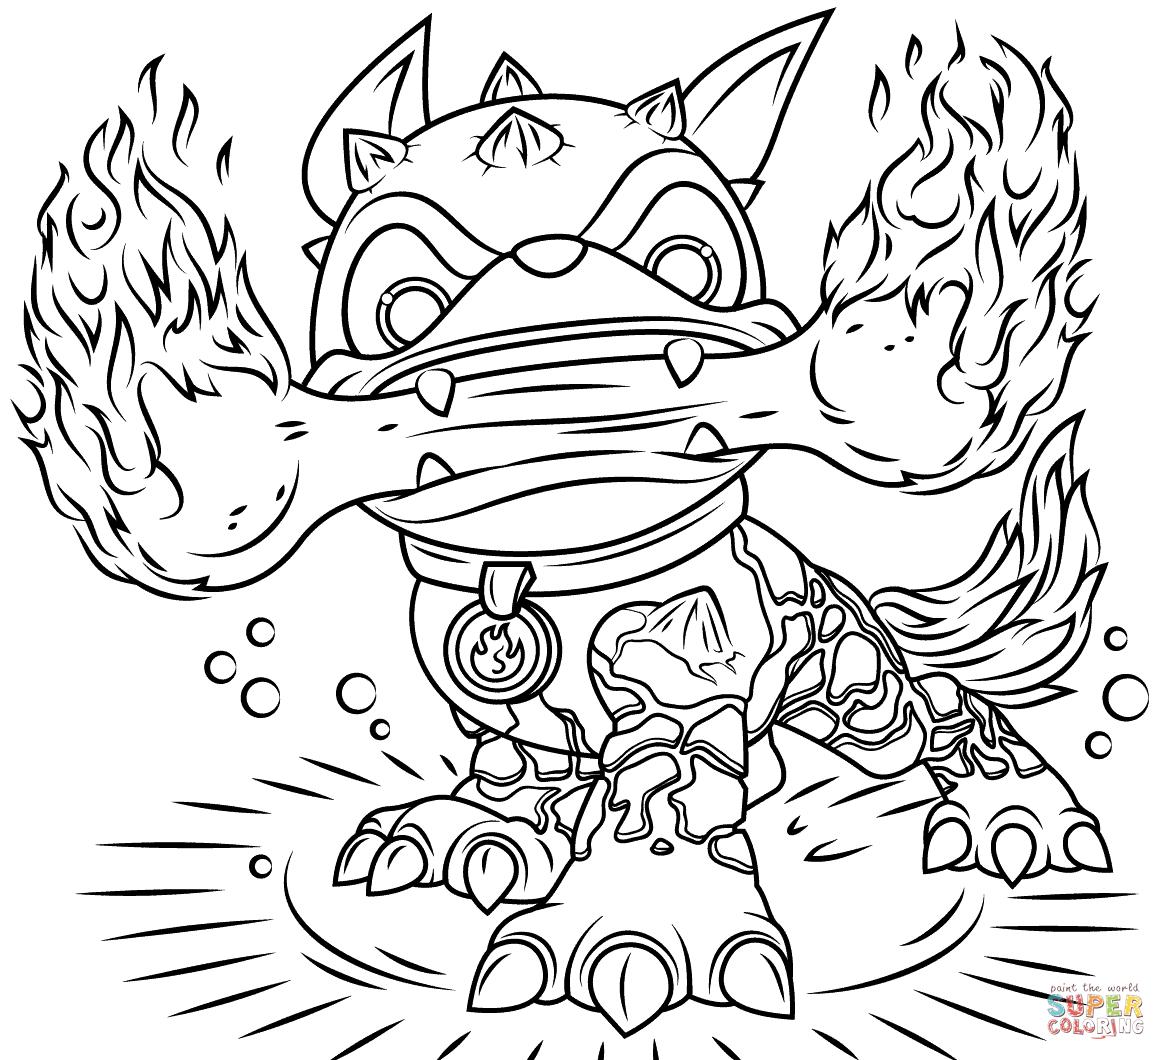 Coloriage - Skylanders Fire Bone Hot Dog | Coloriages À dedans Coloriage De Skylanders Giants